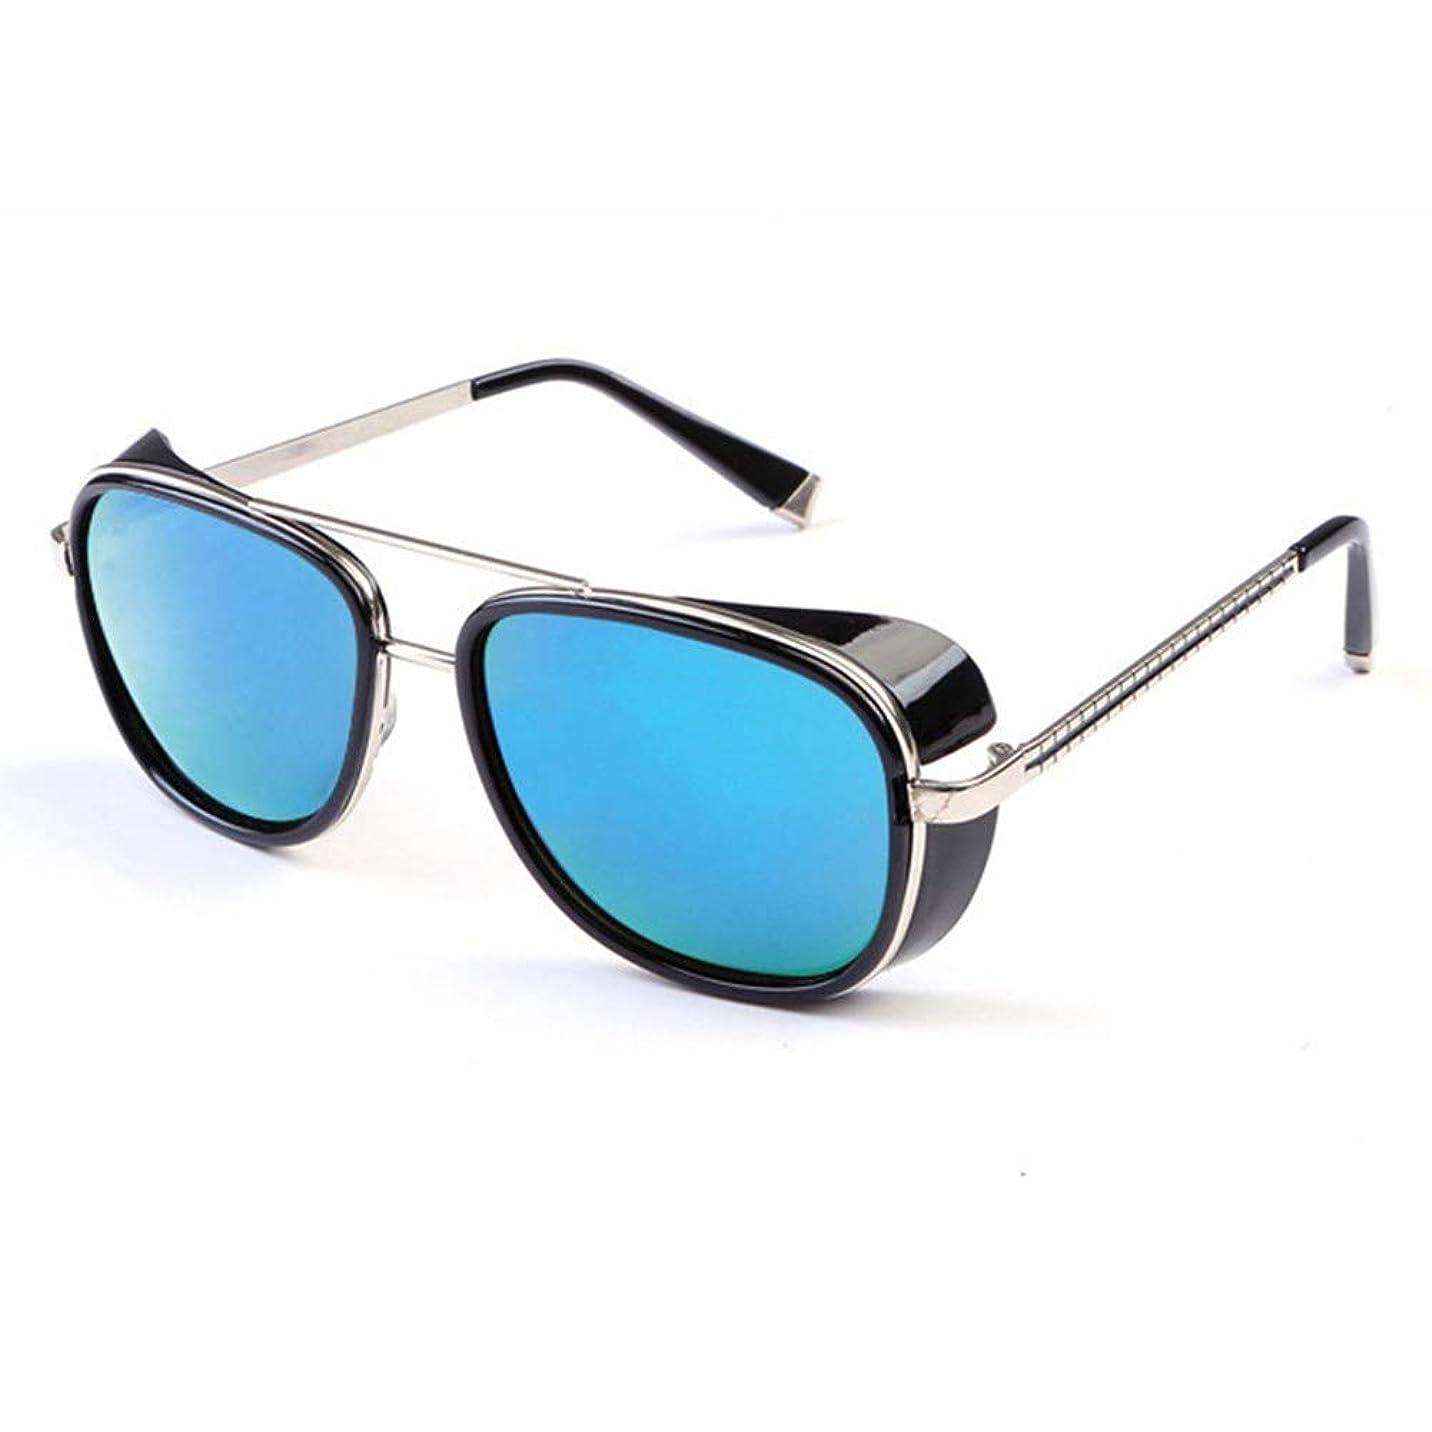 誠意読者うめきファッションレトロフロントガラスサングラスメタルフレームUV400ニュートラルアウトドアカジュアルドライビング